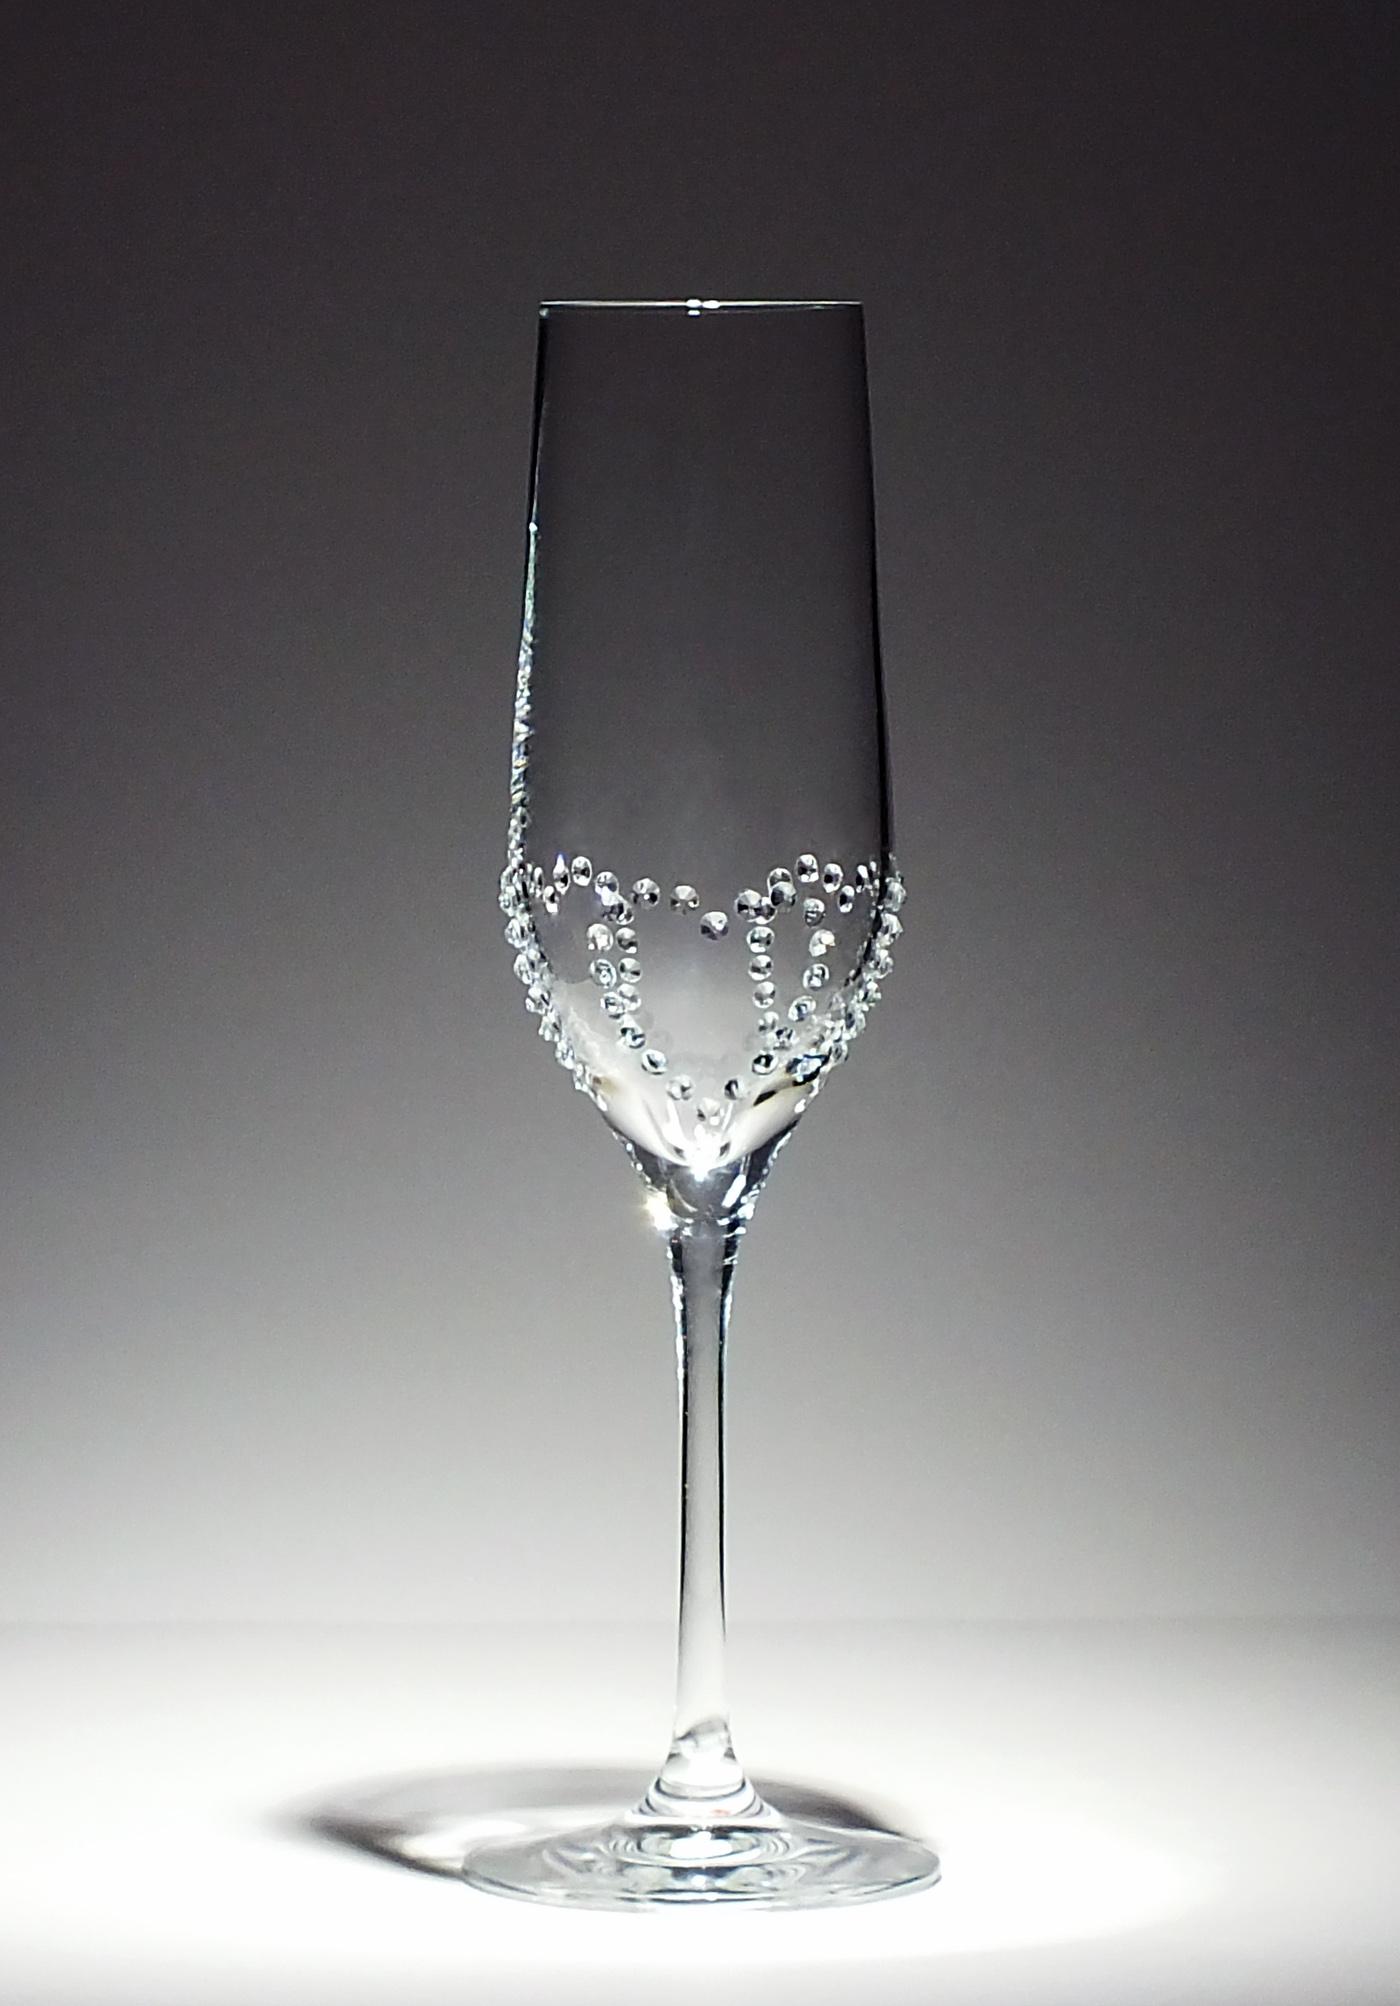 名入り彫刻シャンパングラス